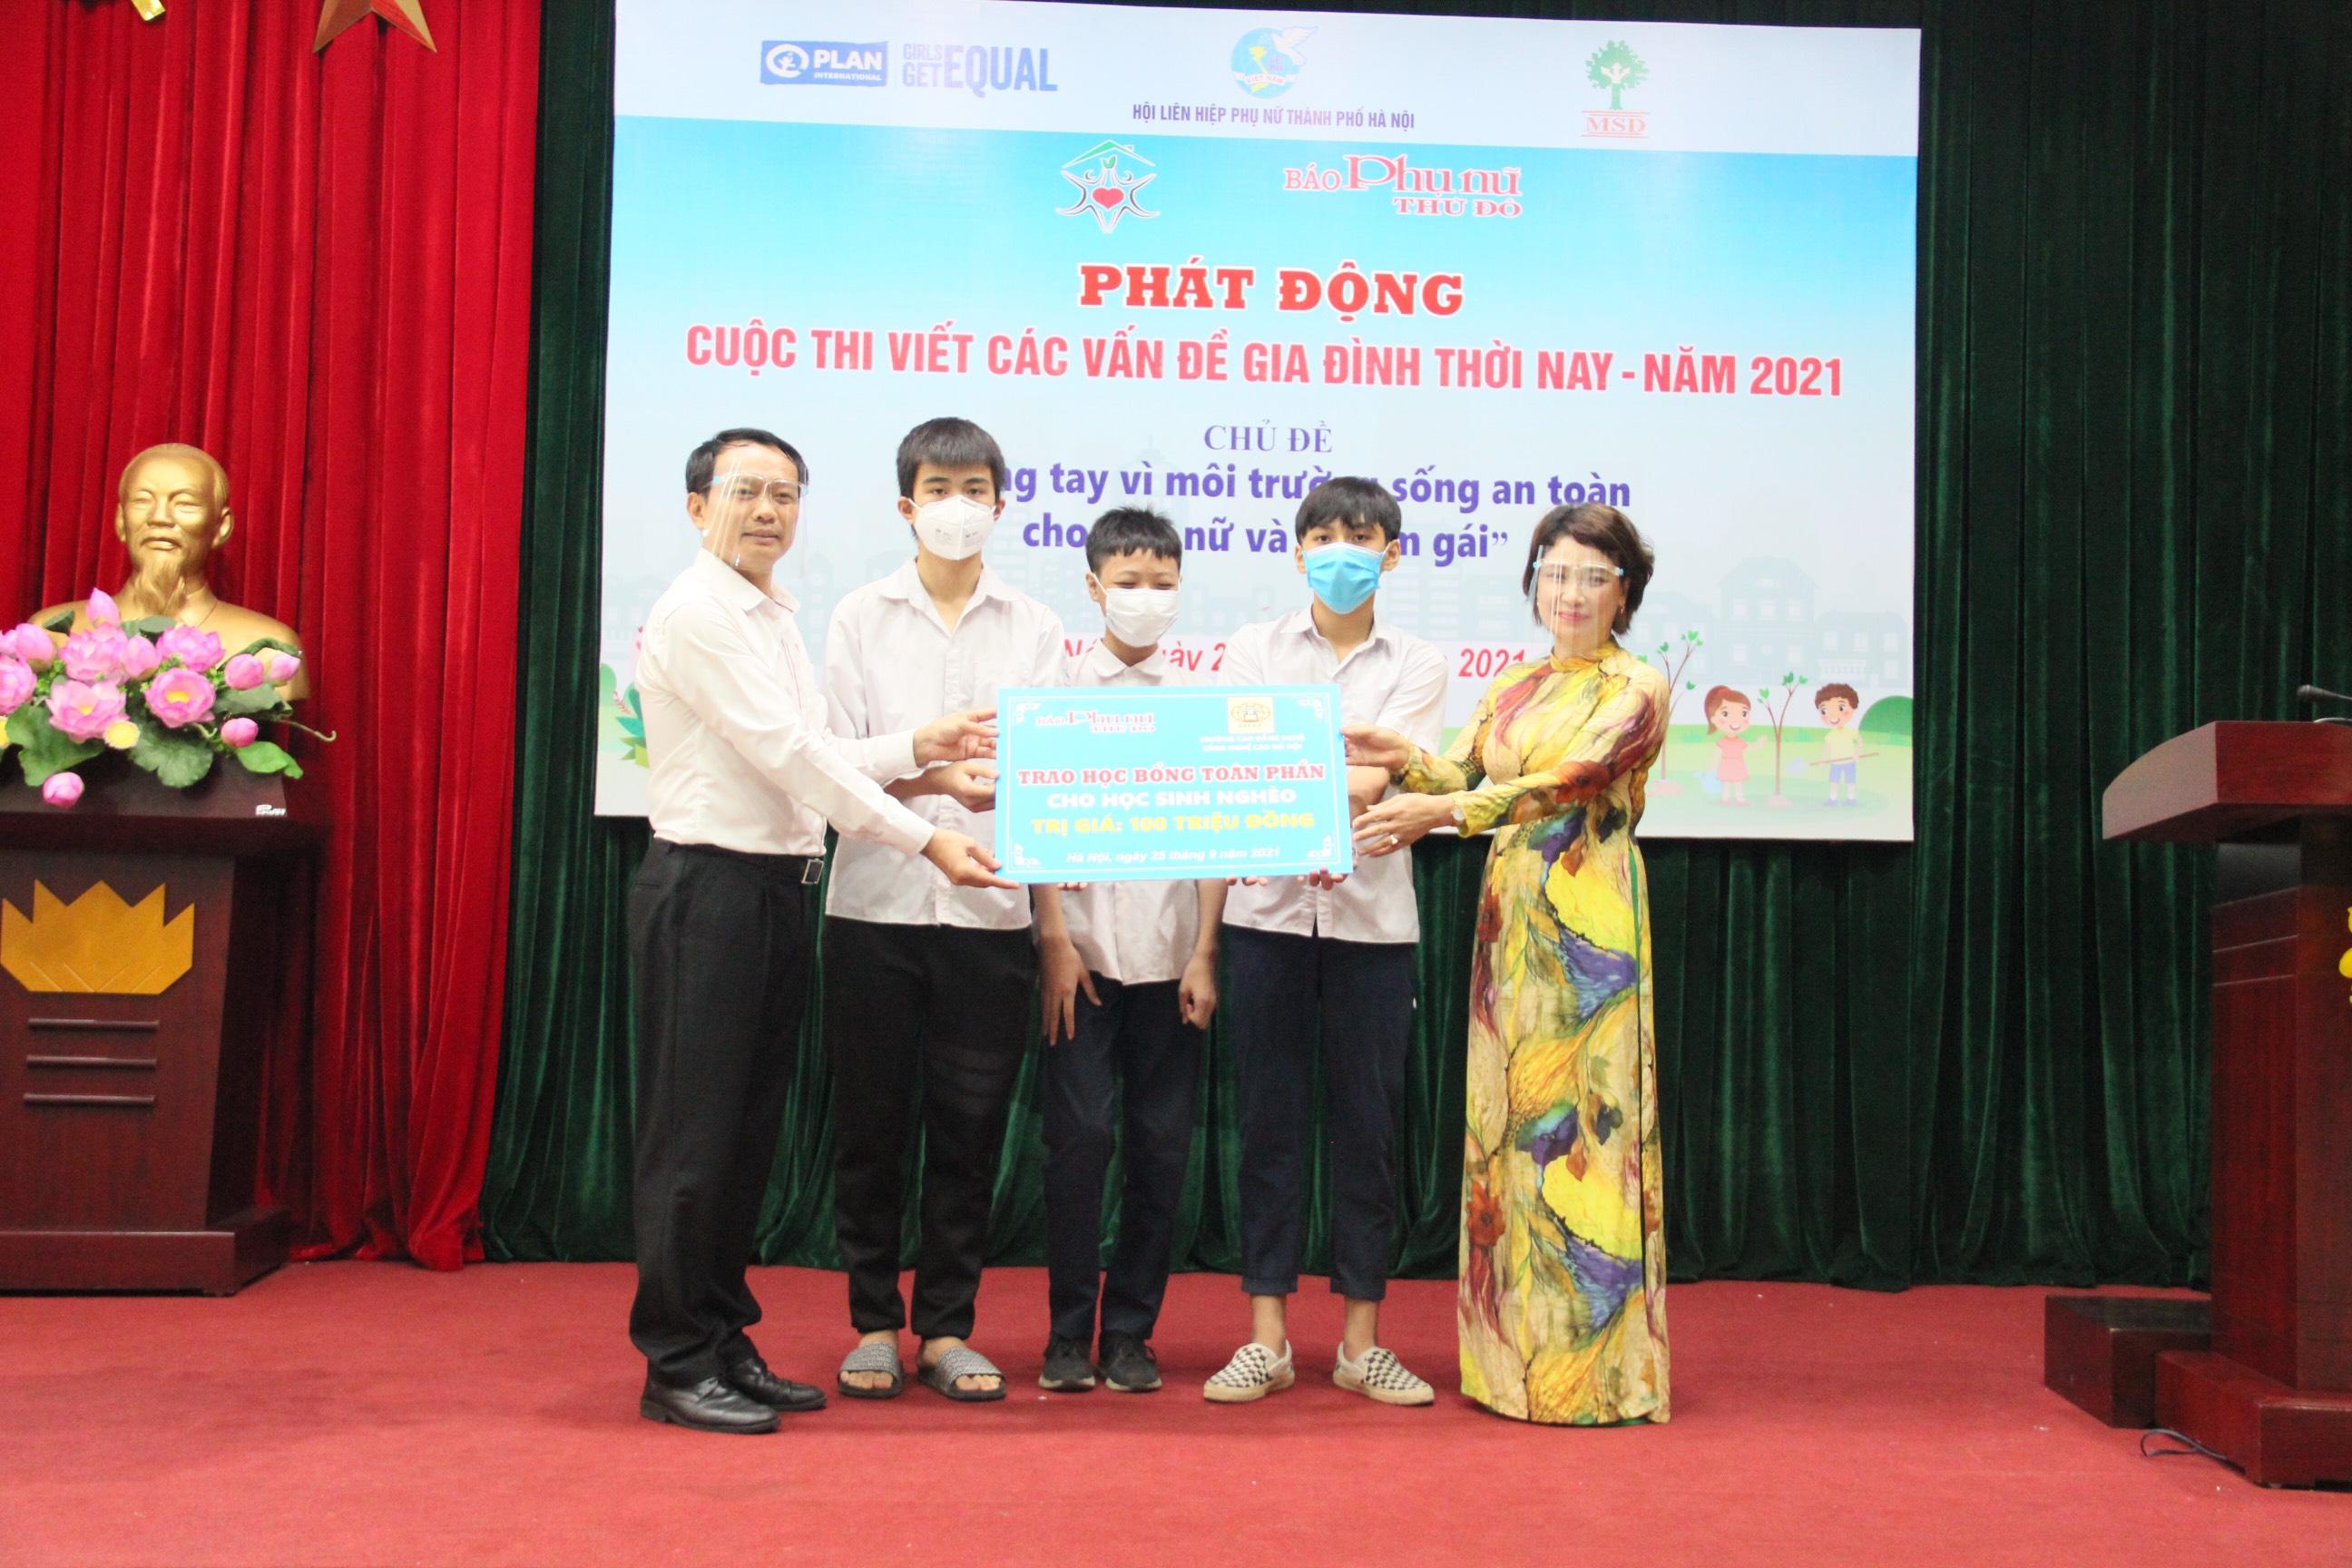 Lãnh đạo trường Cao đẳng Nghề công nghệ cao và lãnh đạo báo Phụ nữ Thủ đô tặng học bổng cho học sinh nghèo vượt khó trên địa bàn TP Hà Nội